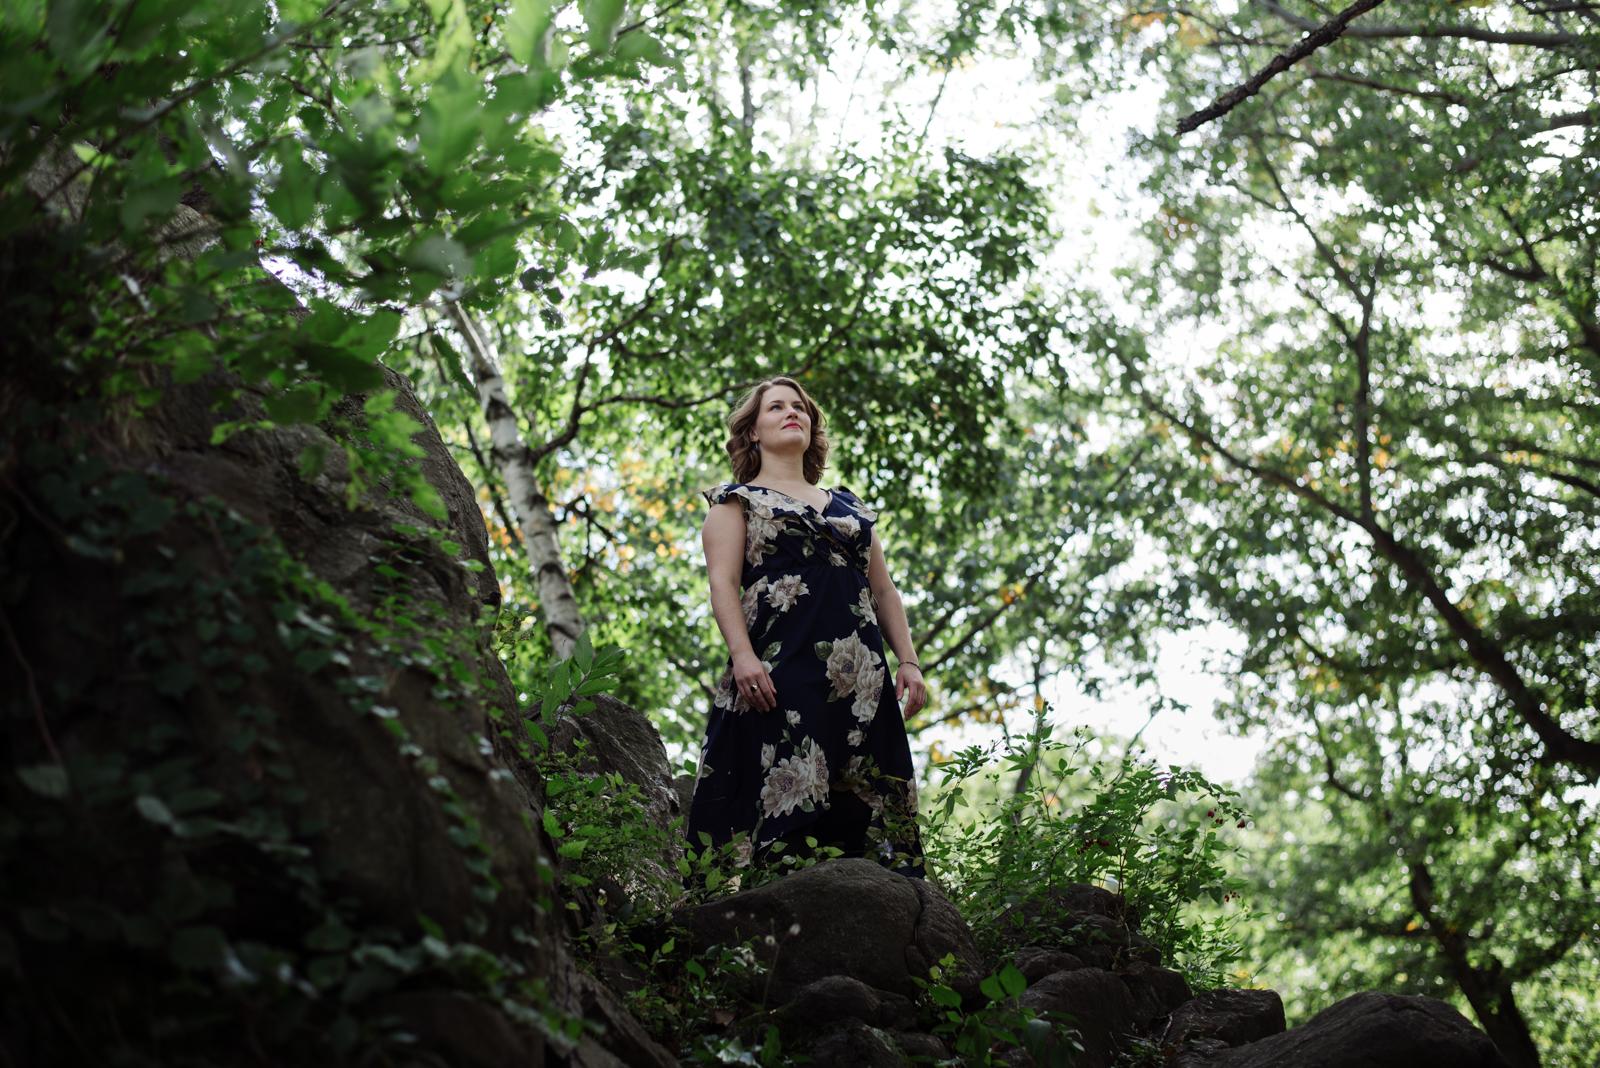 10142018-AbbyBowling-JuliaLuckettPhotography-45.jpg